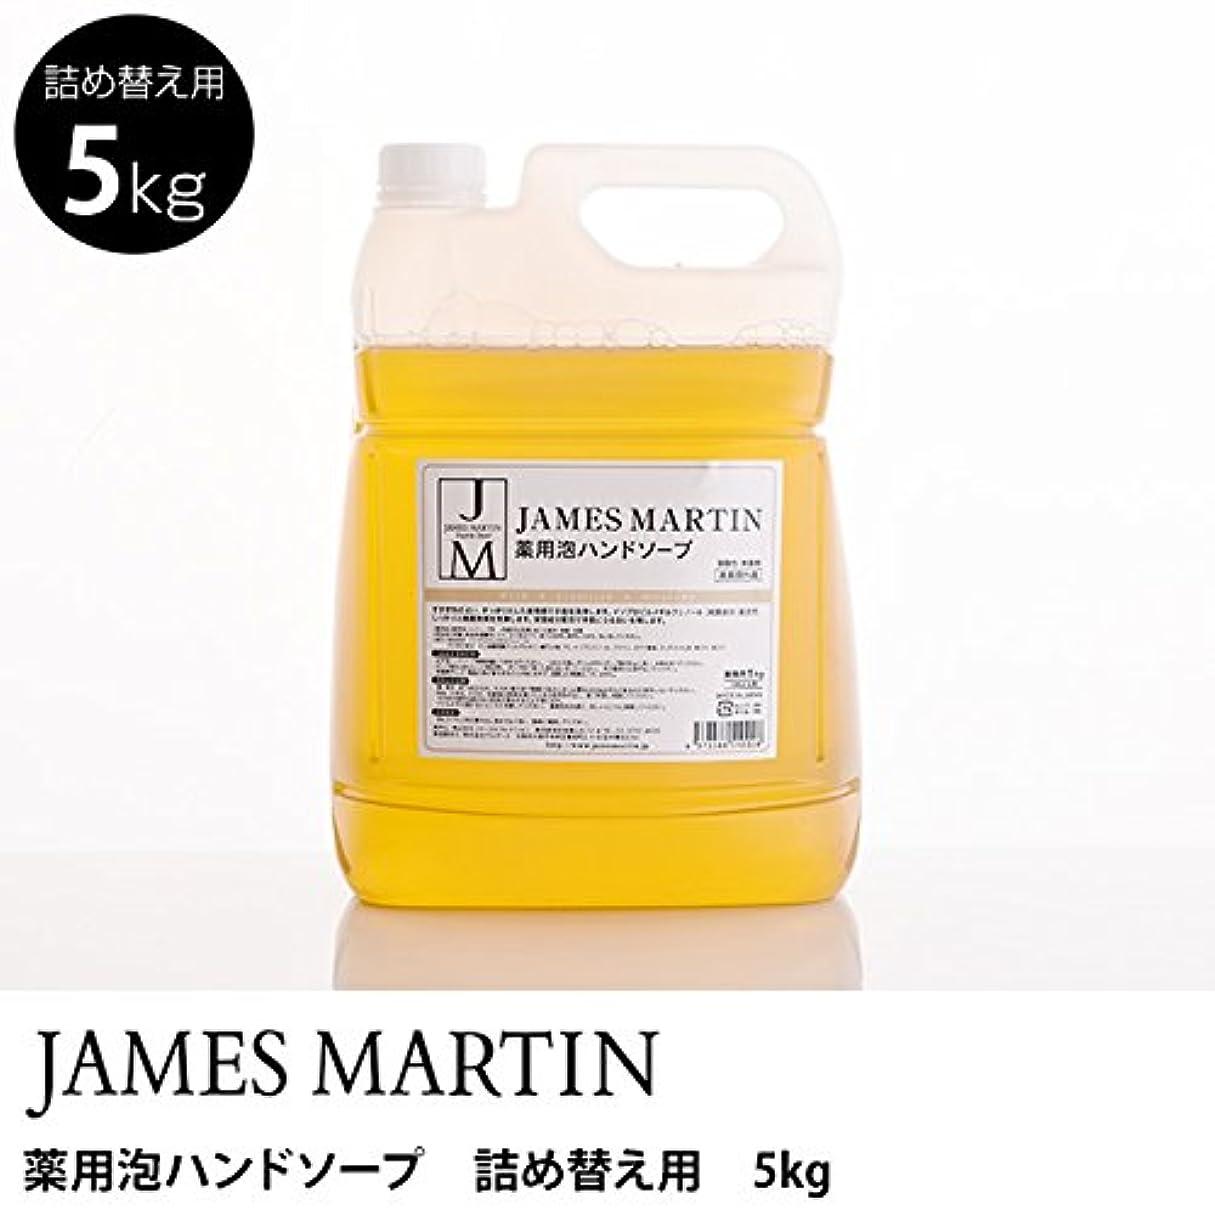 人柄ちらつき政治的ジェームズマーティン 薬用泡ハンドソープ(無香料) 詰替用 5kg